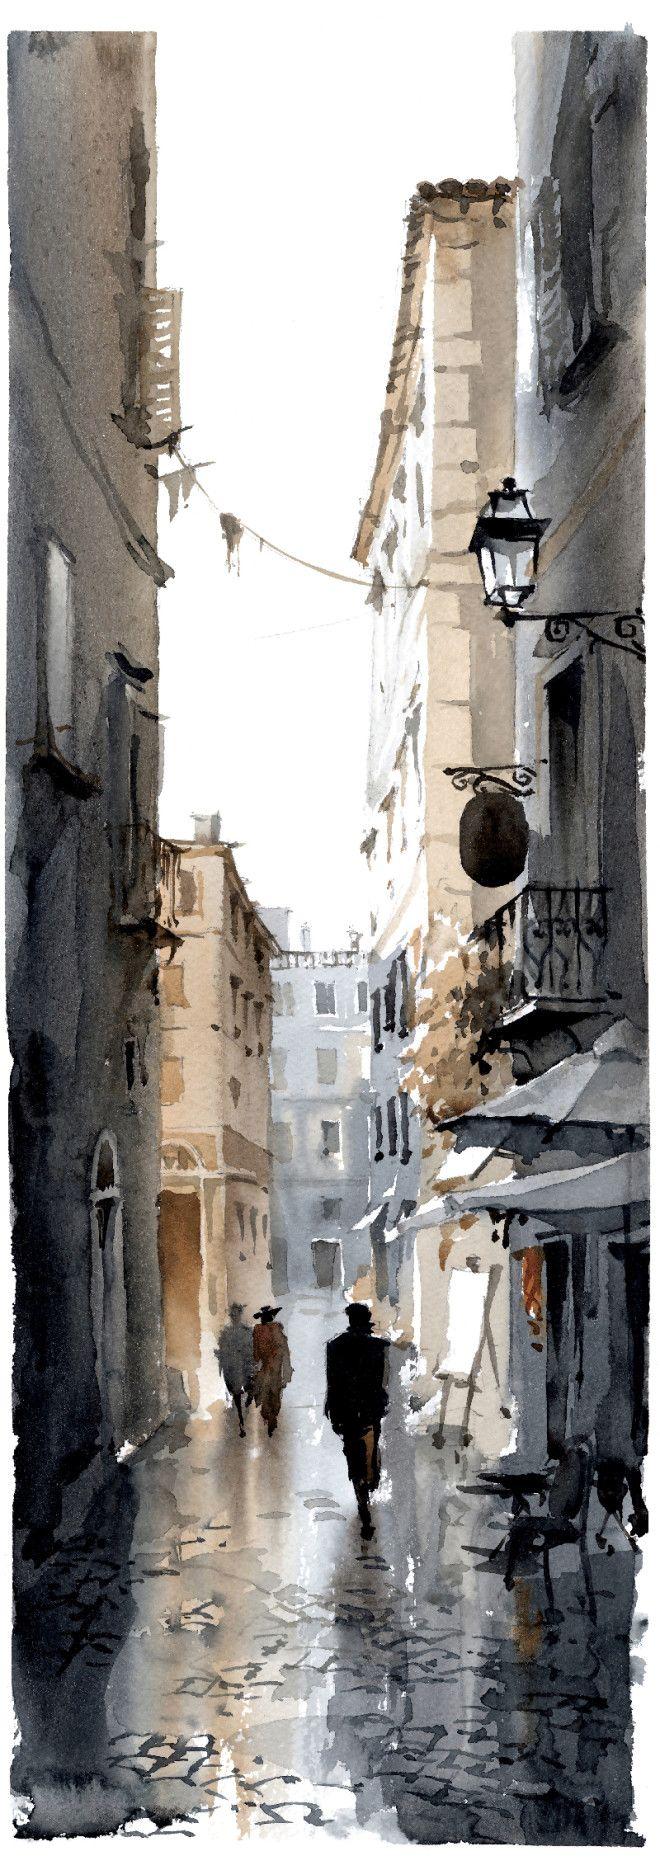 Igor Sava (watercolor painting)